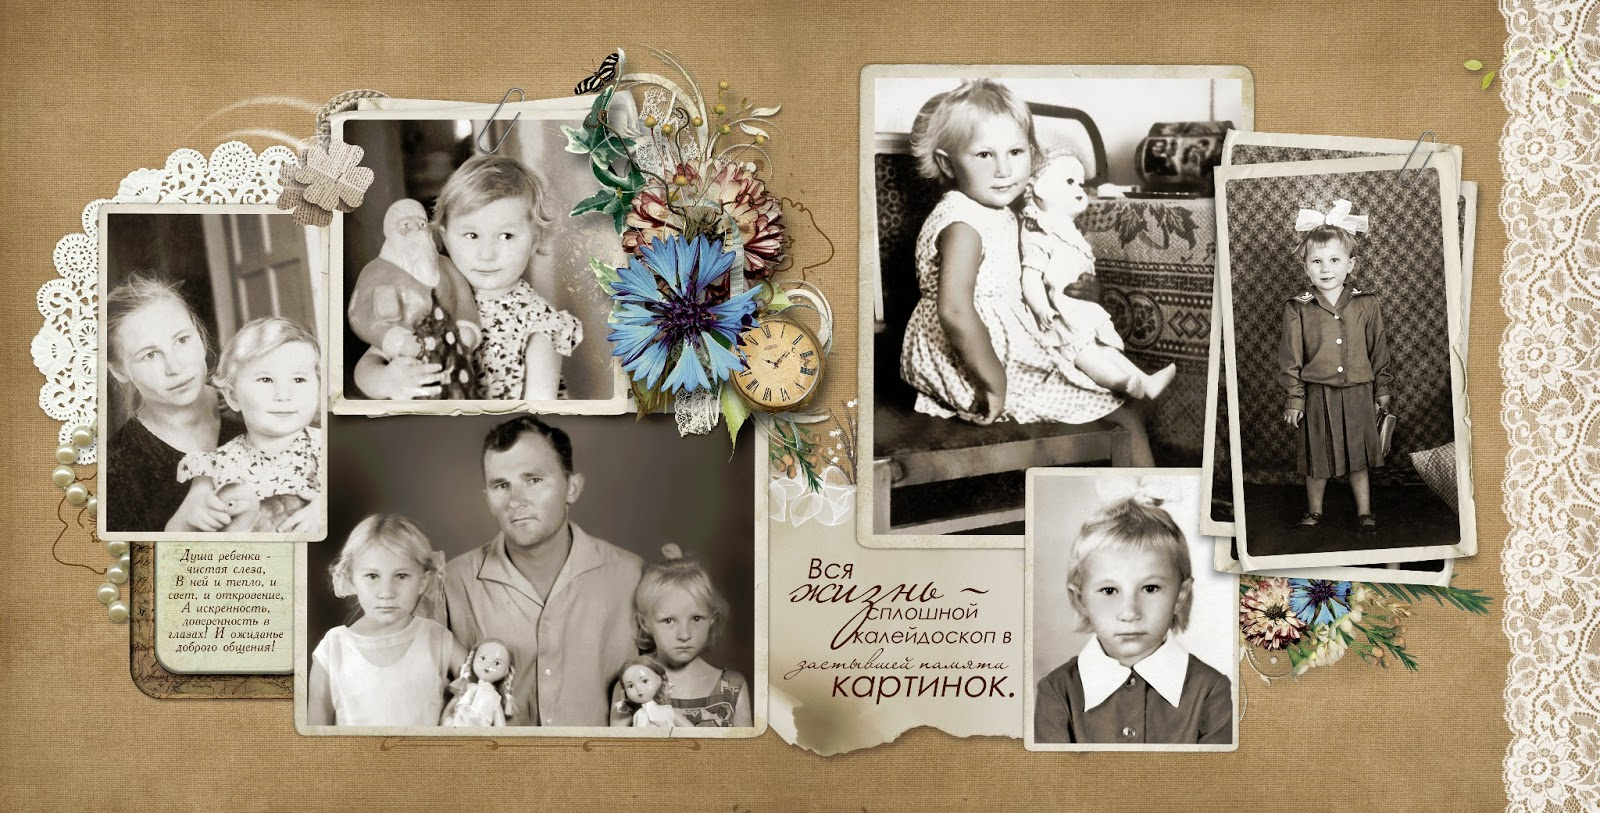 Альбом фото  юбилей мамы